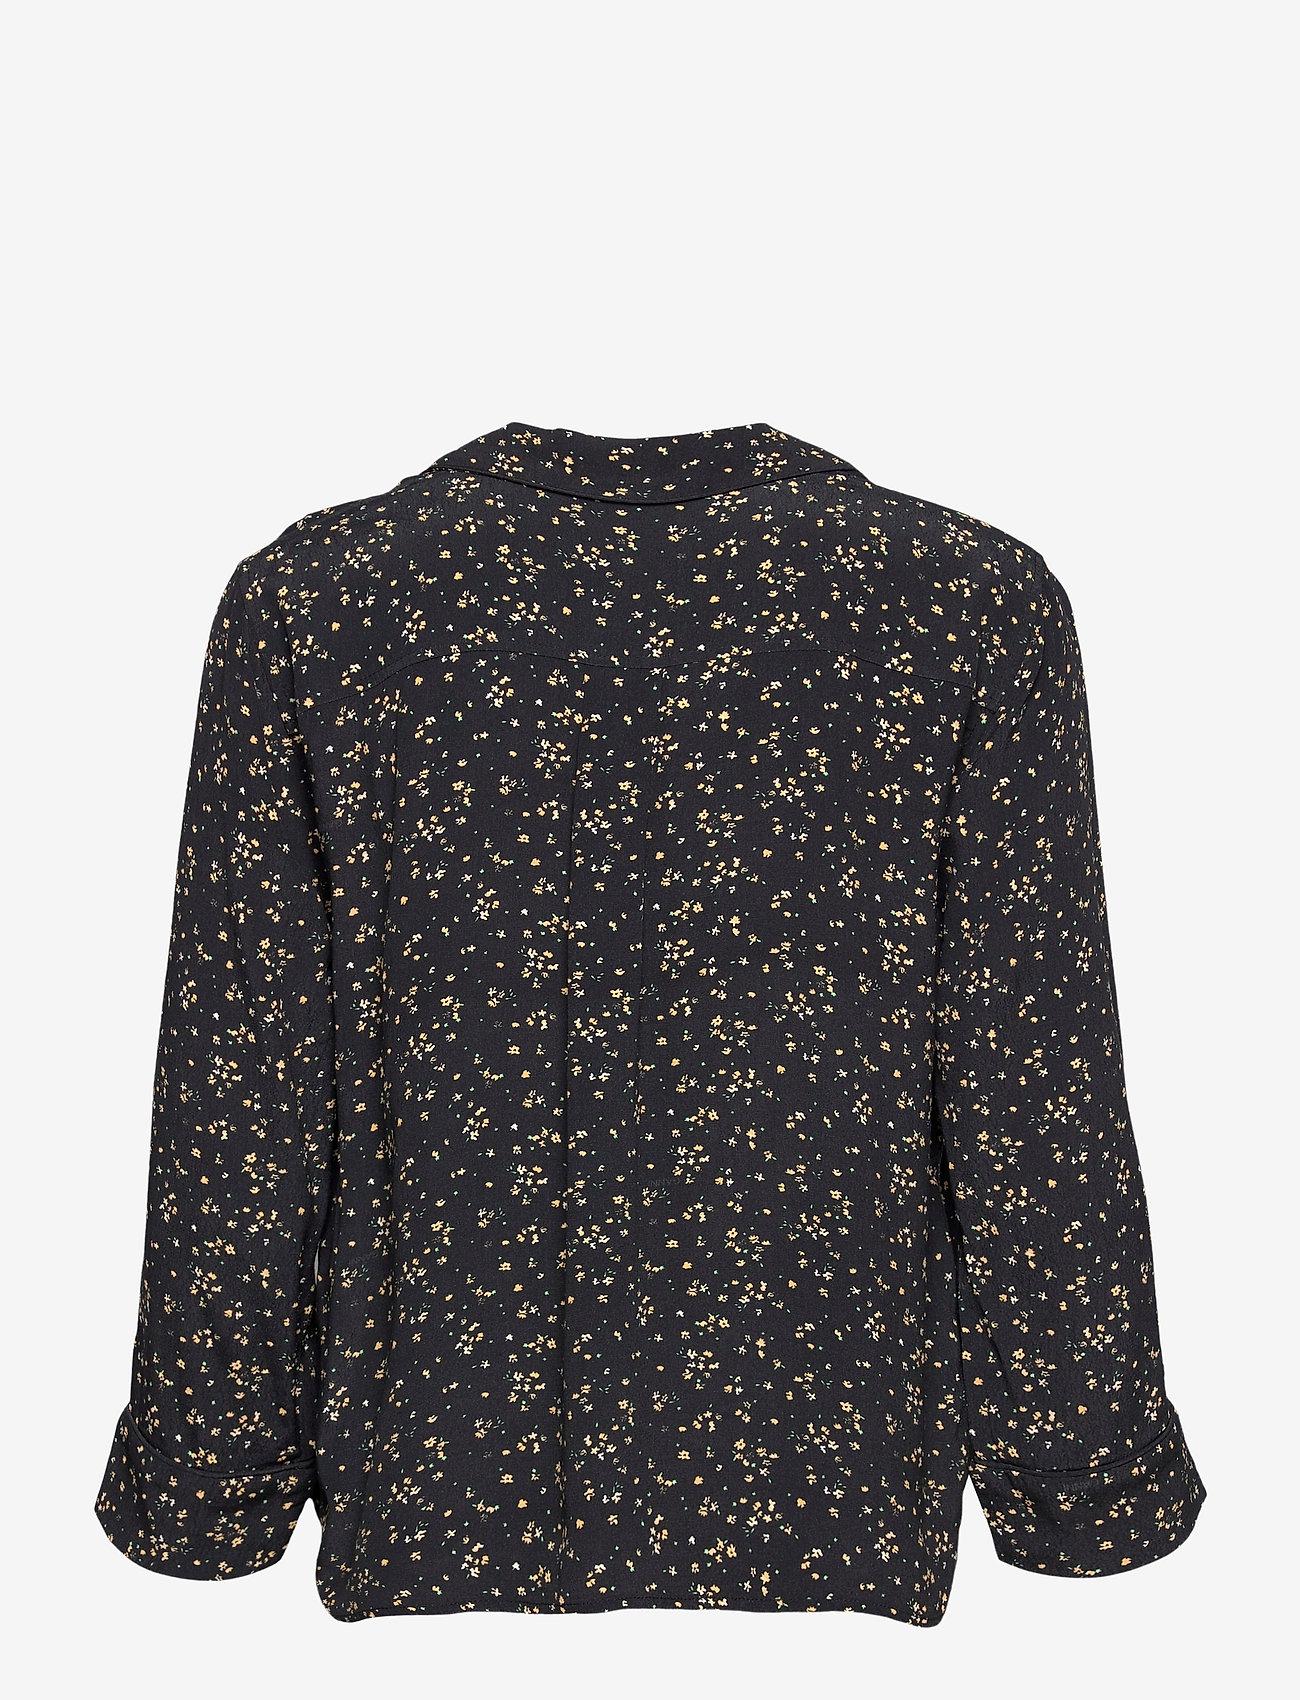 Ganni - Shirt - langærmede skjorter - black - 1